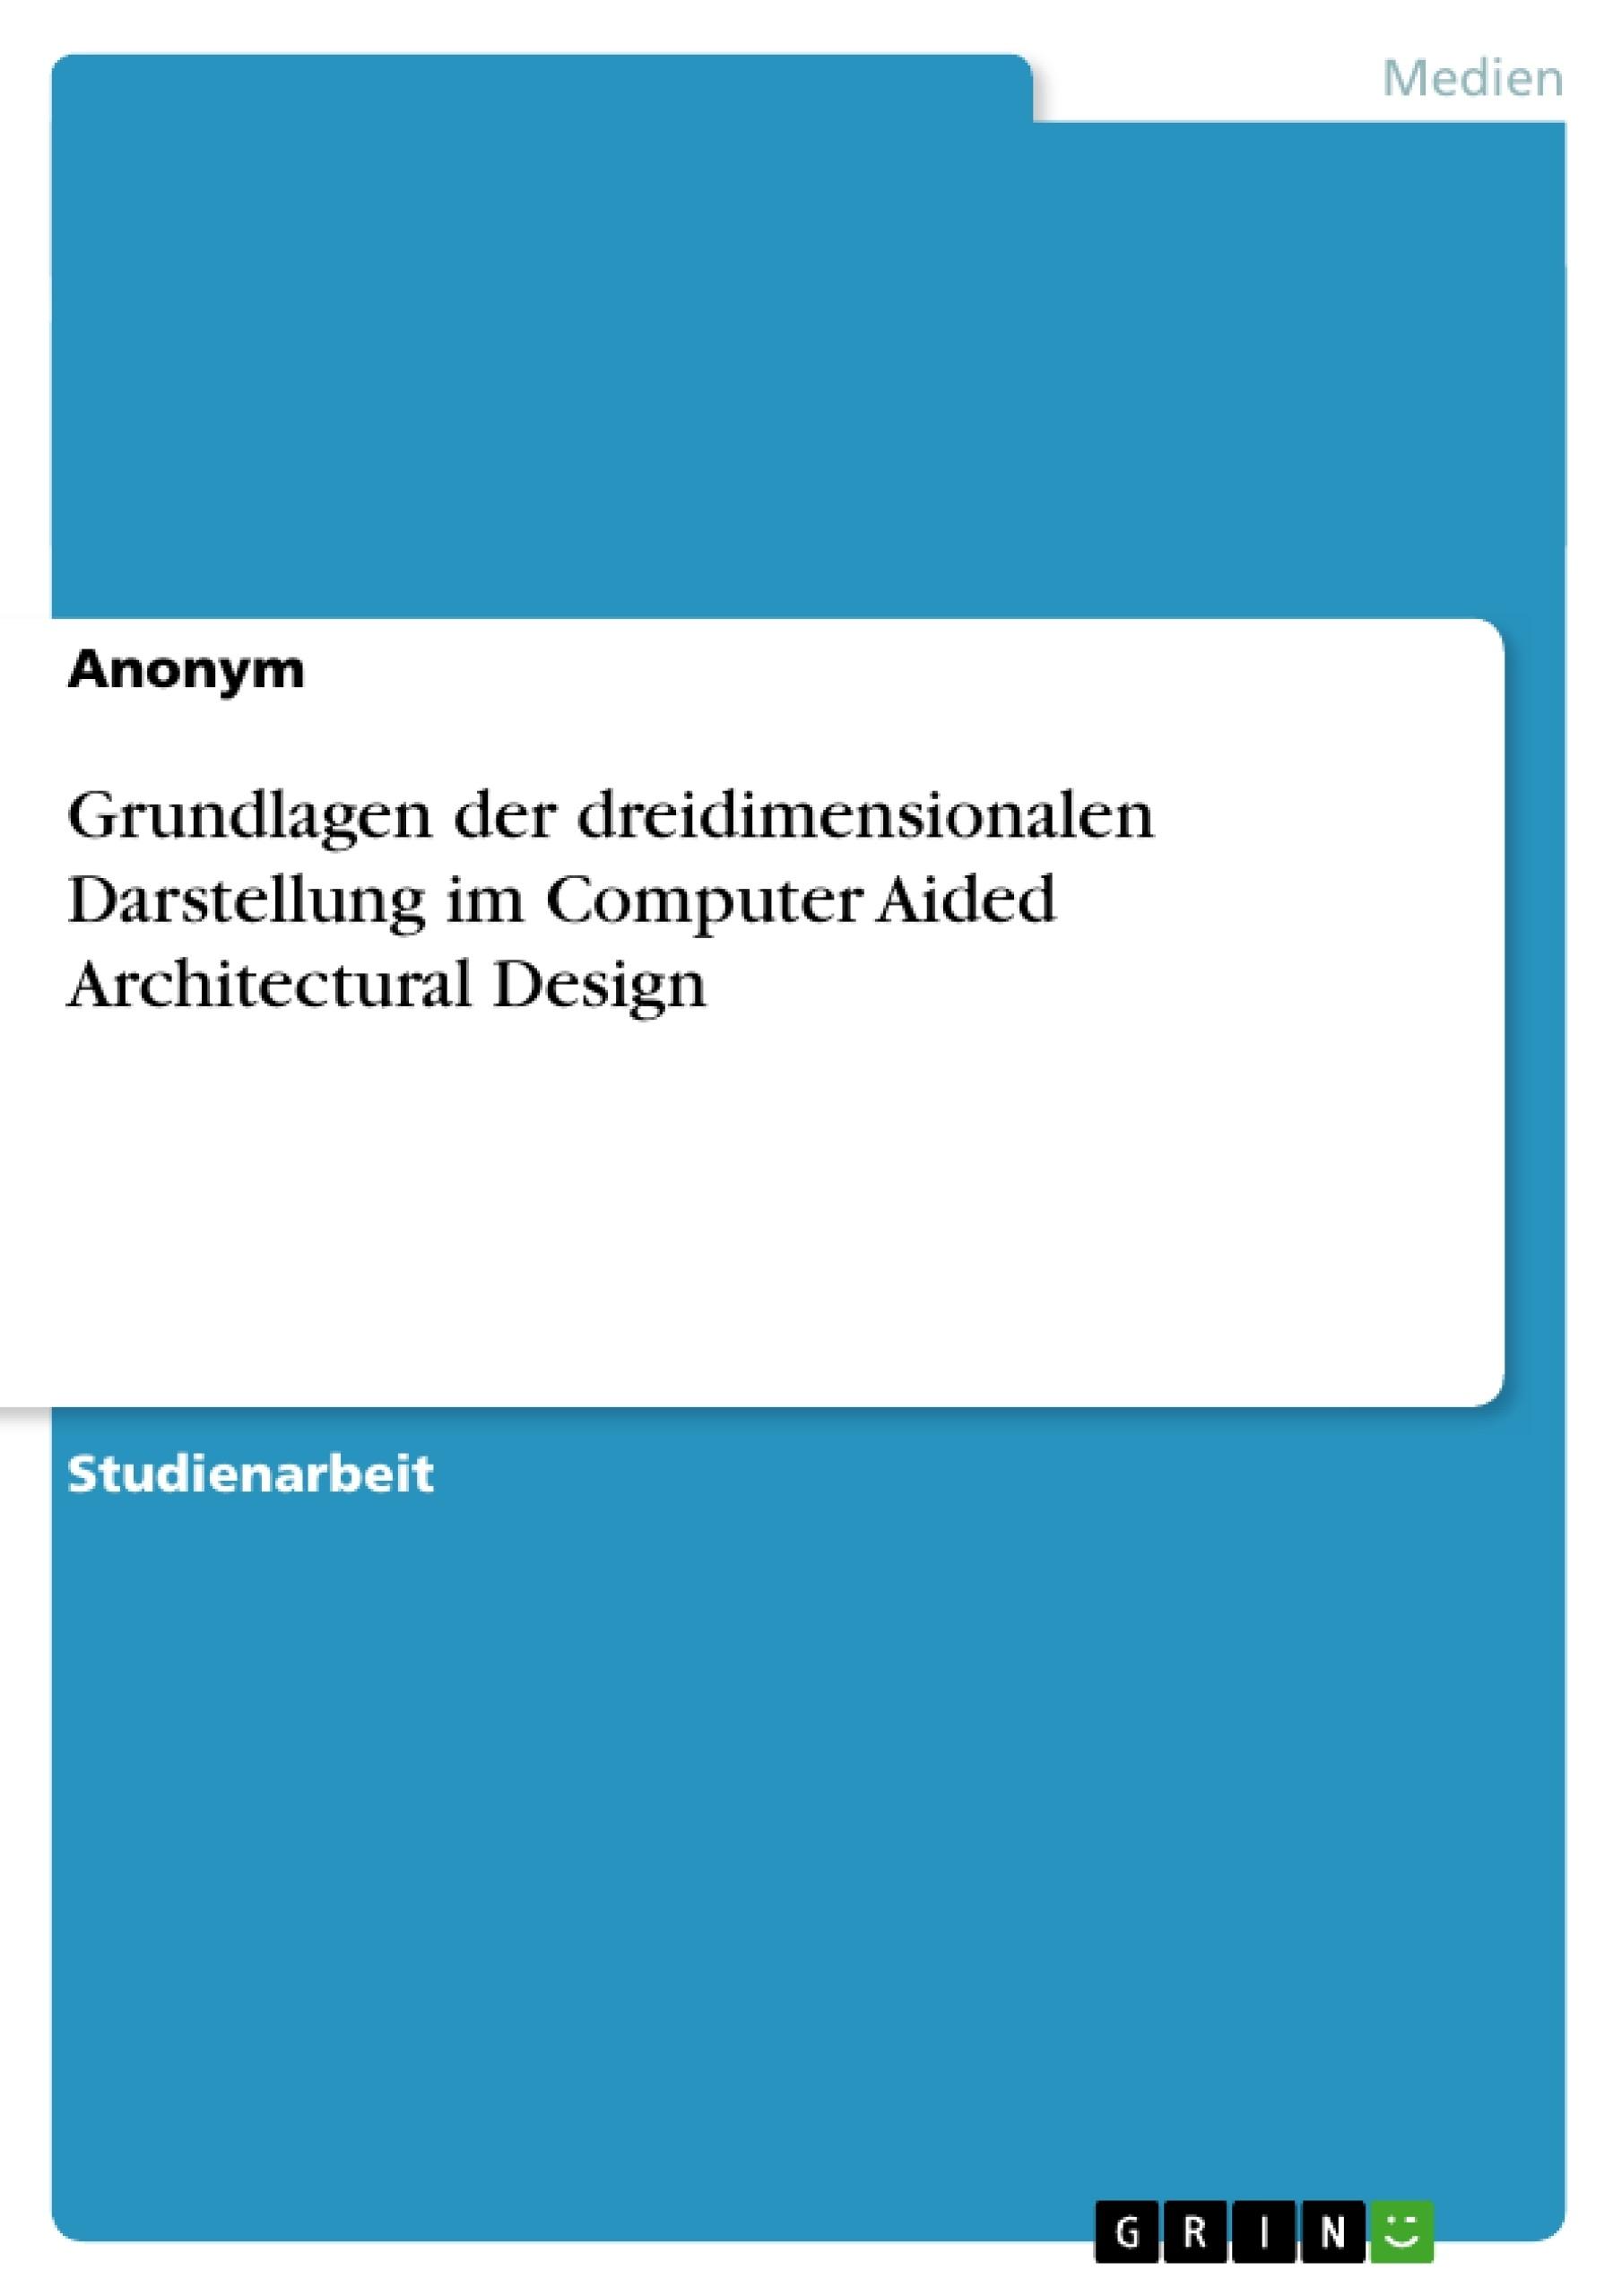 Titel: Grundlagen  der dreidimensionalen Darstellung im Computer Aided Architectural Design